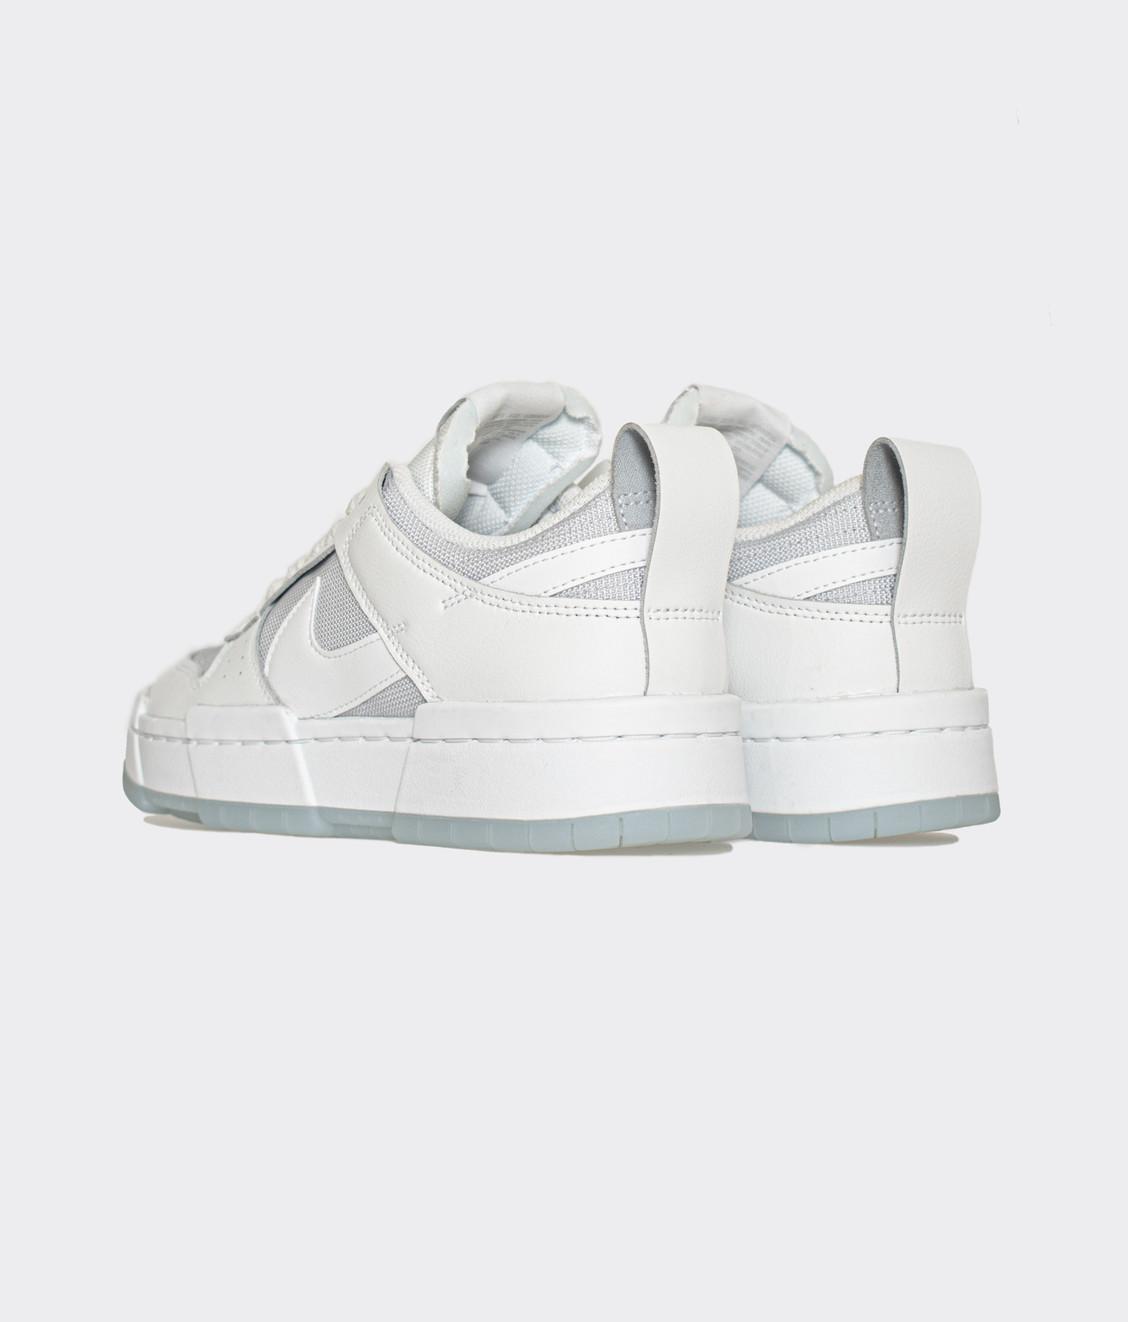 Nike Nike Dunk Low Disrupt White